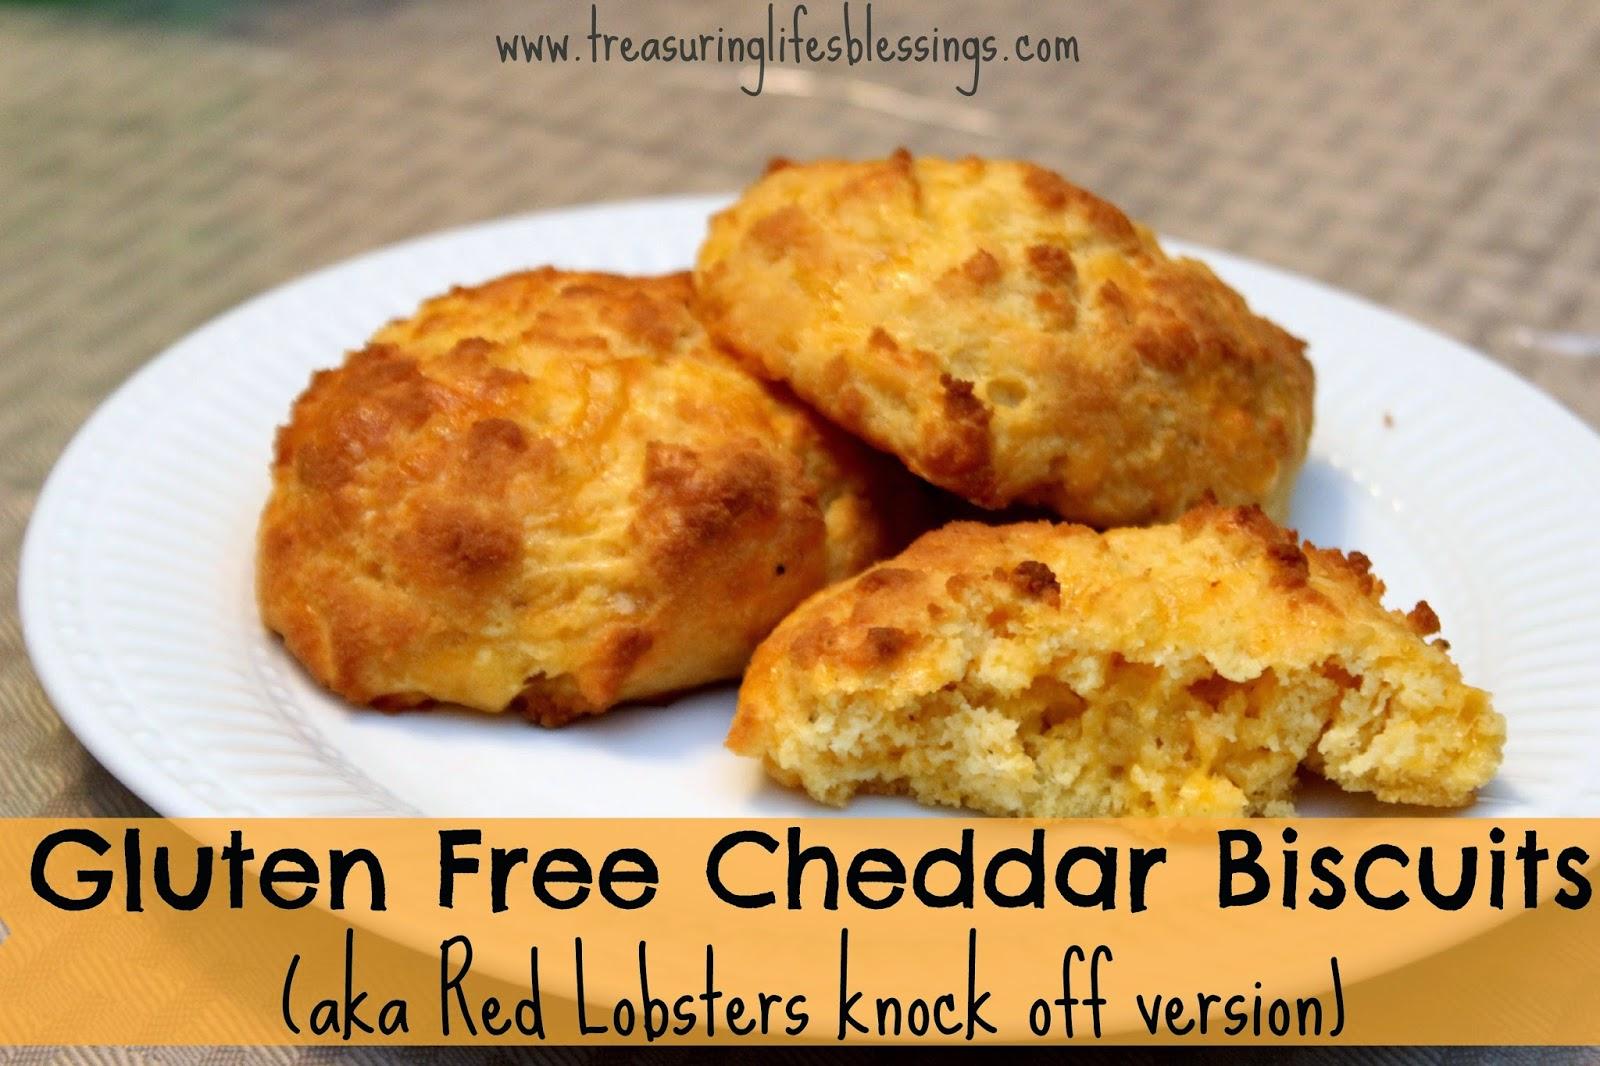 Gluten Free Biscuit, Trim Healthy Mama S